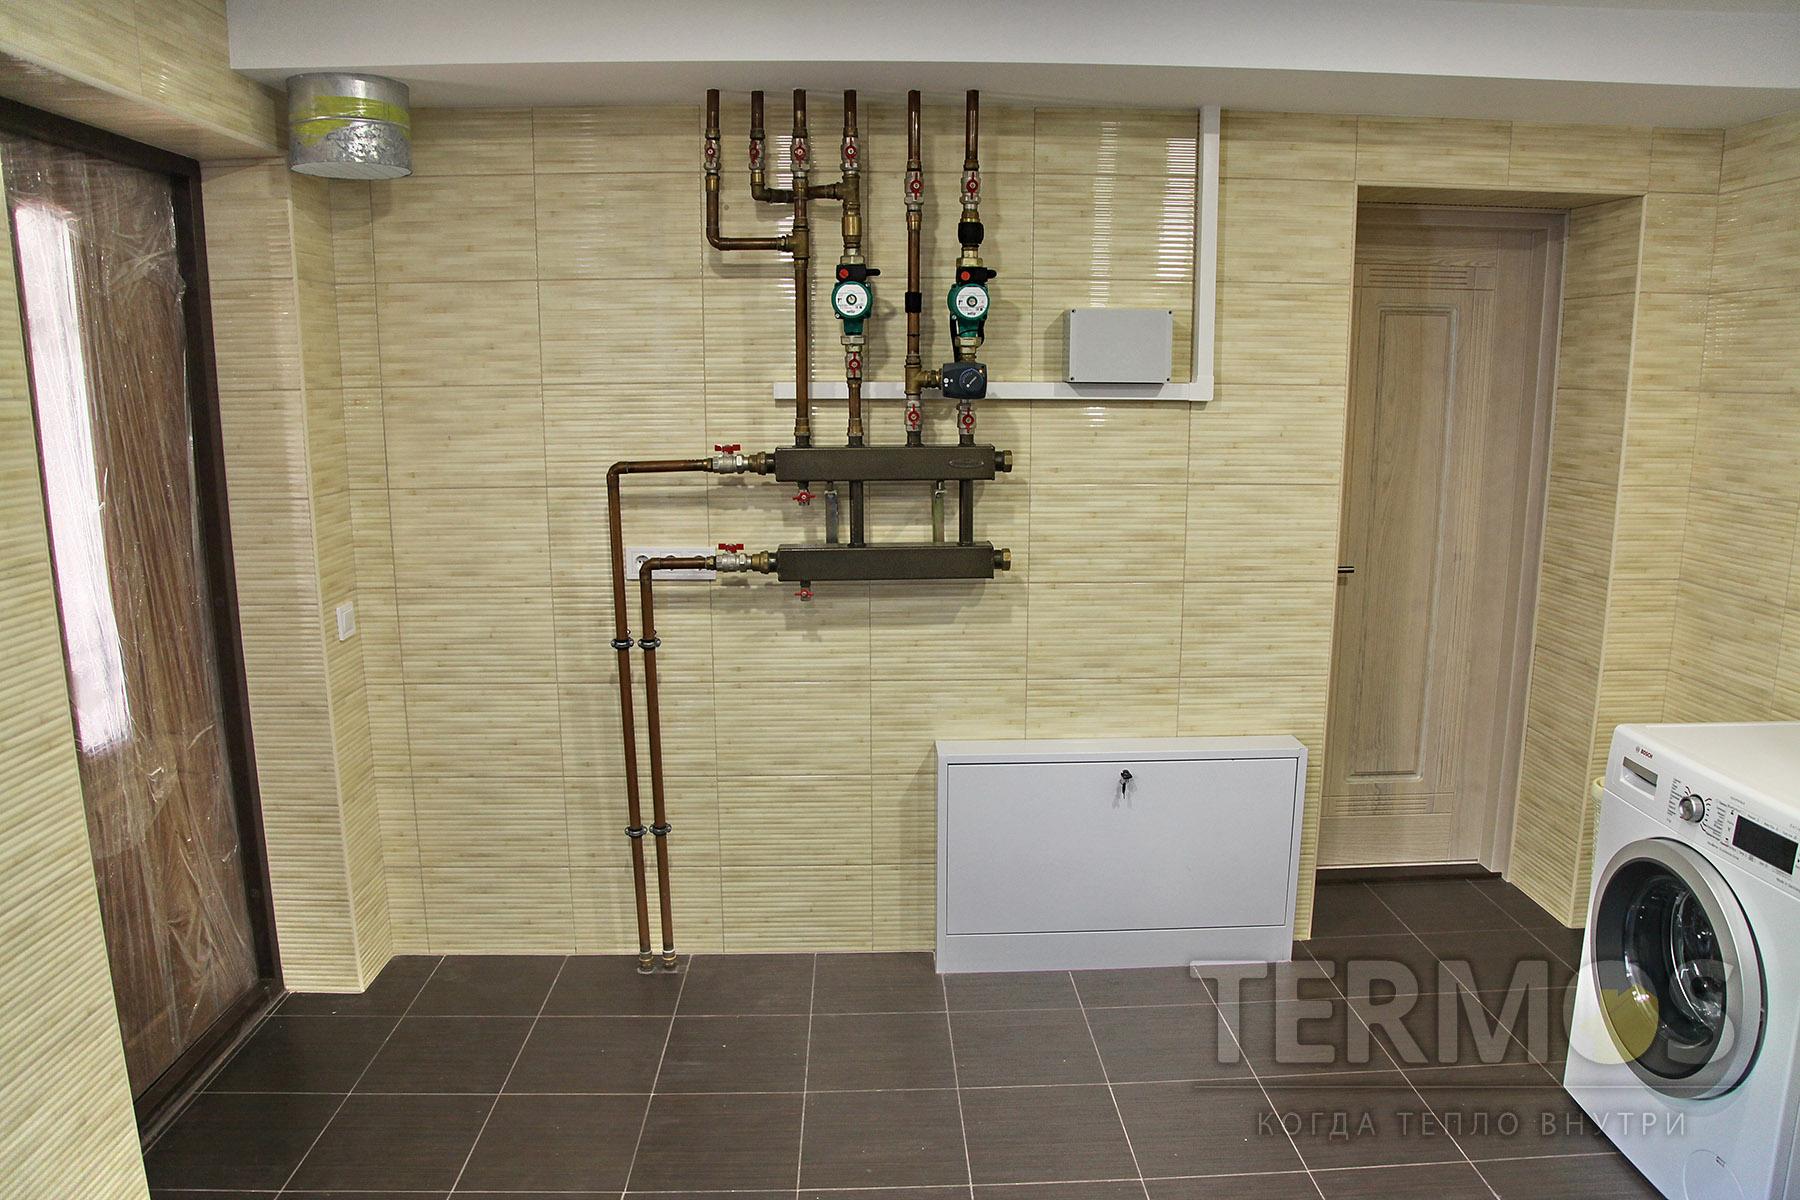 Низкотемпературная система отопления - контур радиаторов увеличенной мощности; контур теплого пола